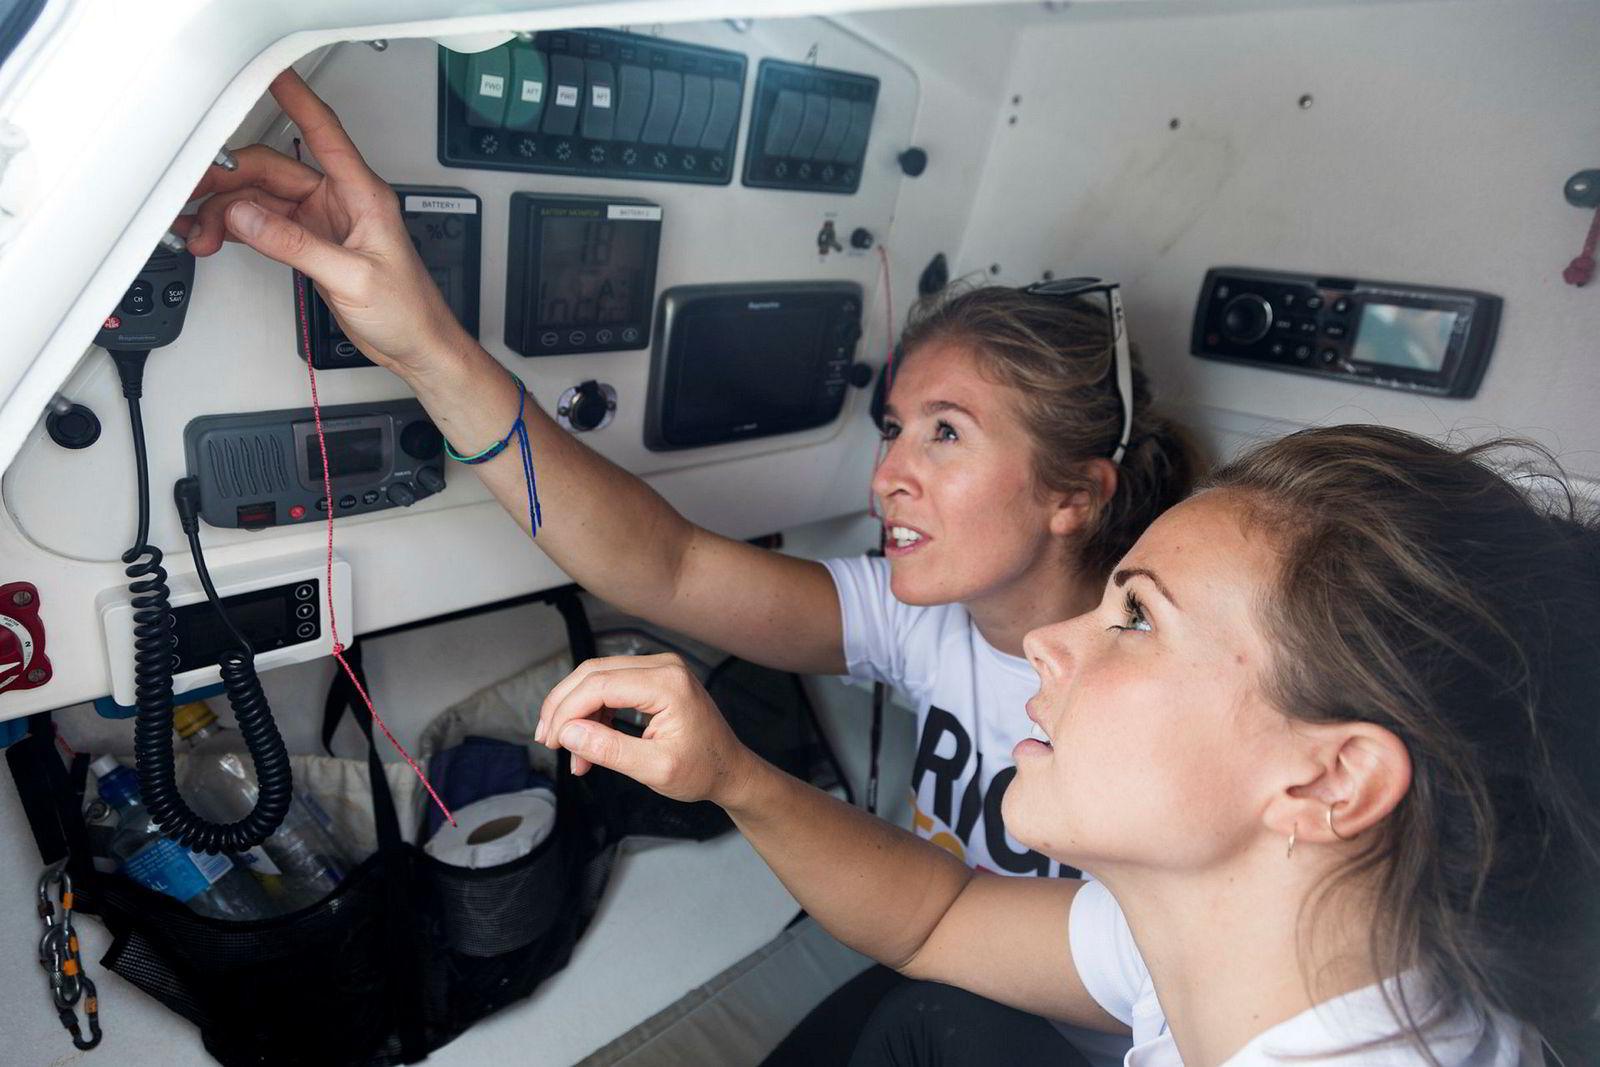 Cornelia Bull, til venstre, og Hege Svendsberget går gjennom de tekniske installasjonene i akterkabinen på robåten de skal bruke over atlanteren.